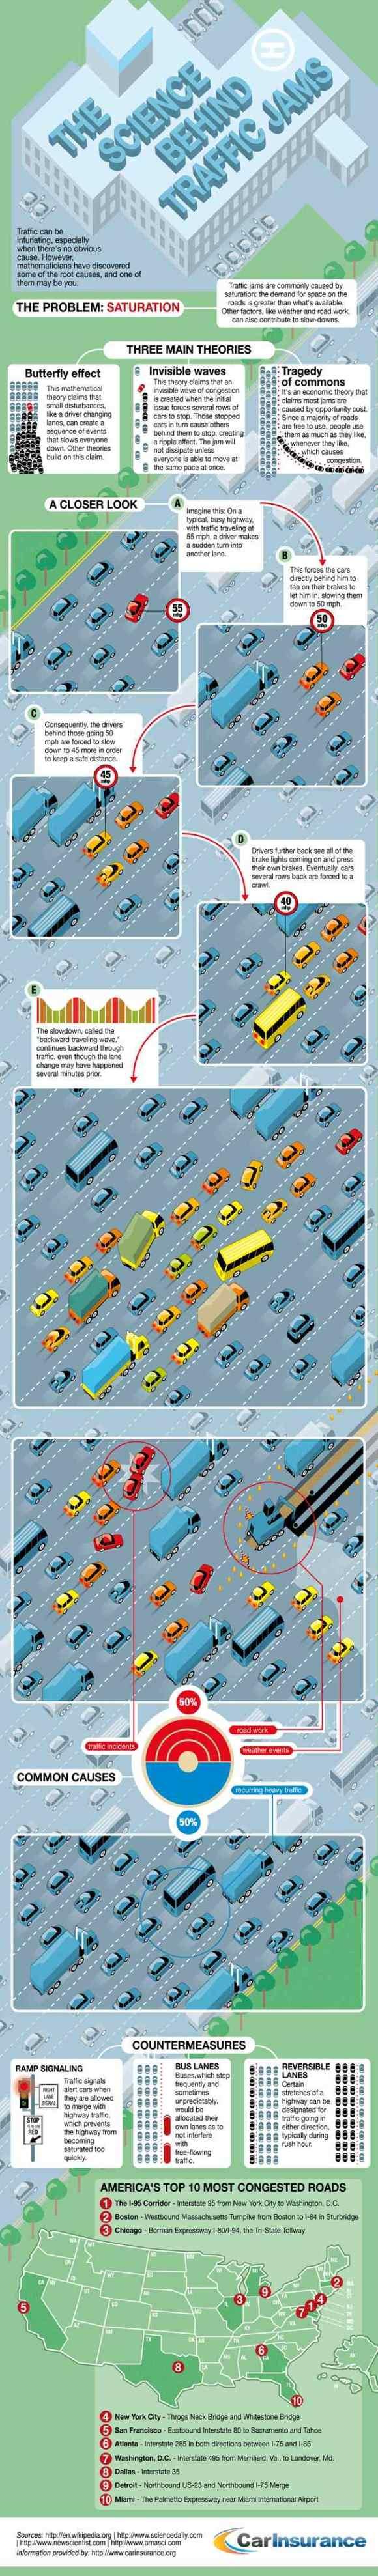 Stauforschung Infografik Entstehung von Staus Wissenschaft Wellen